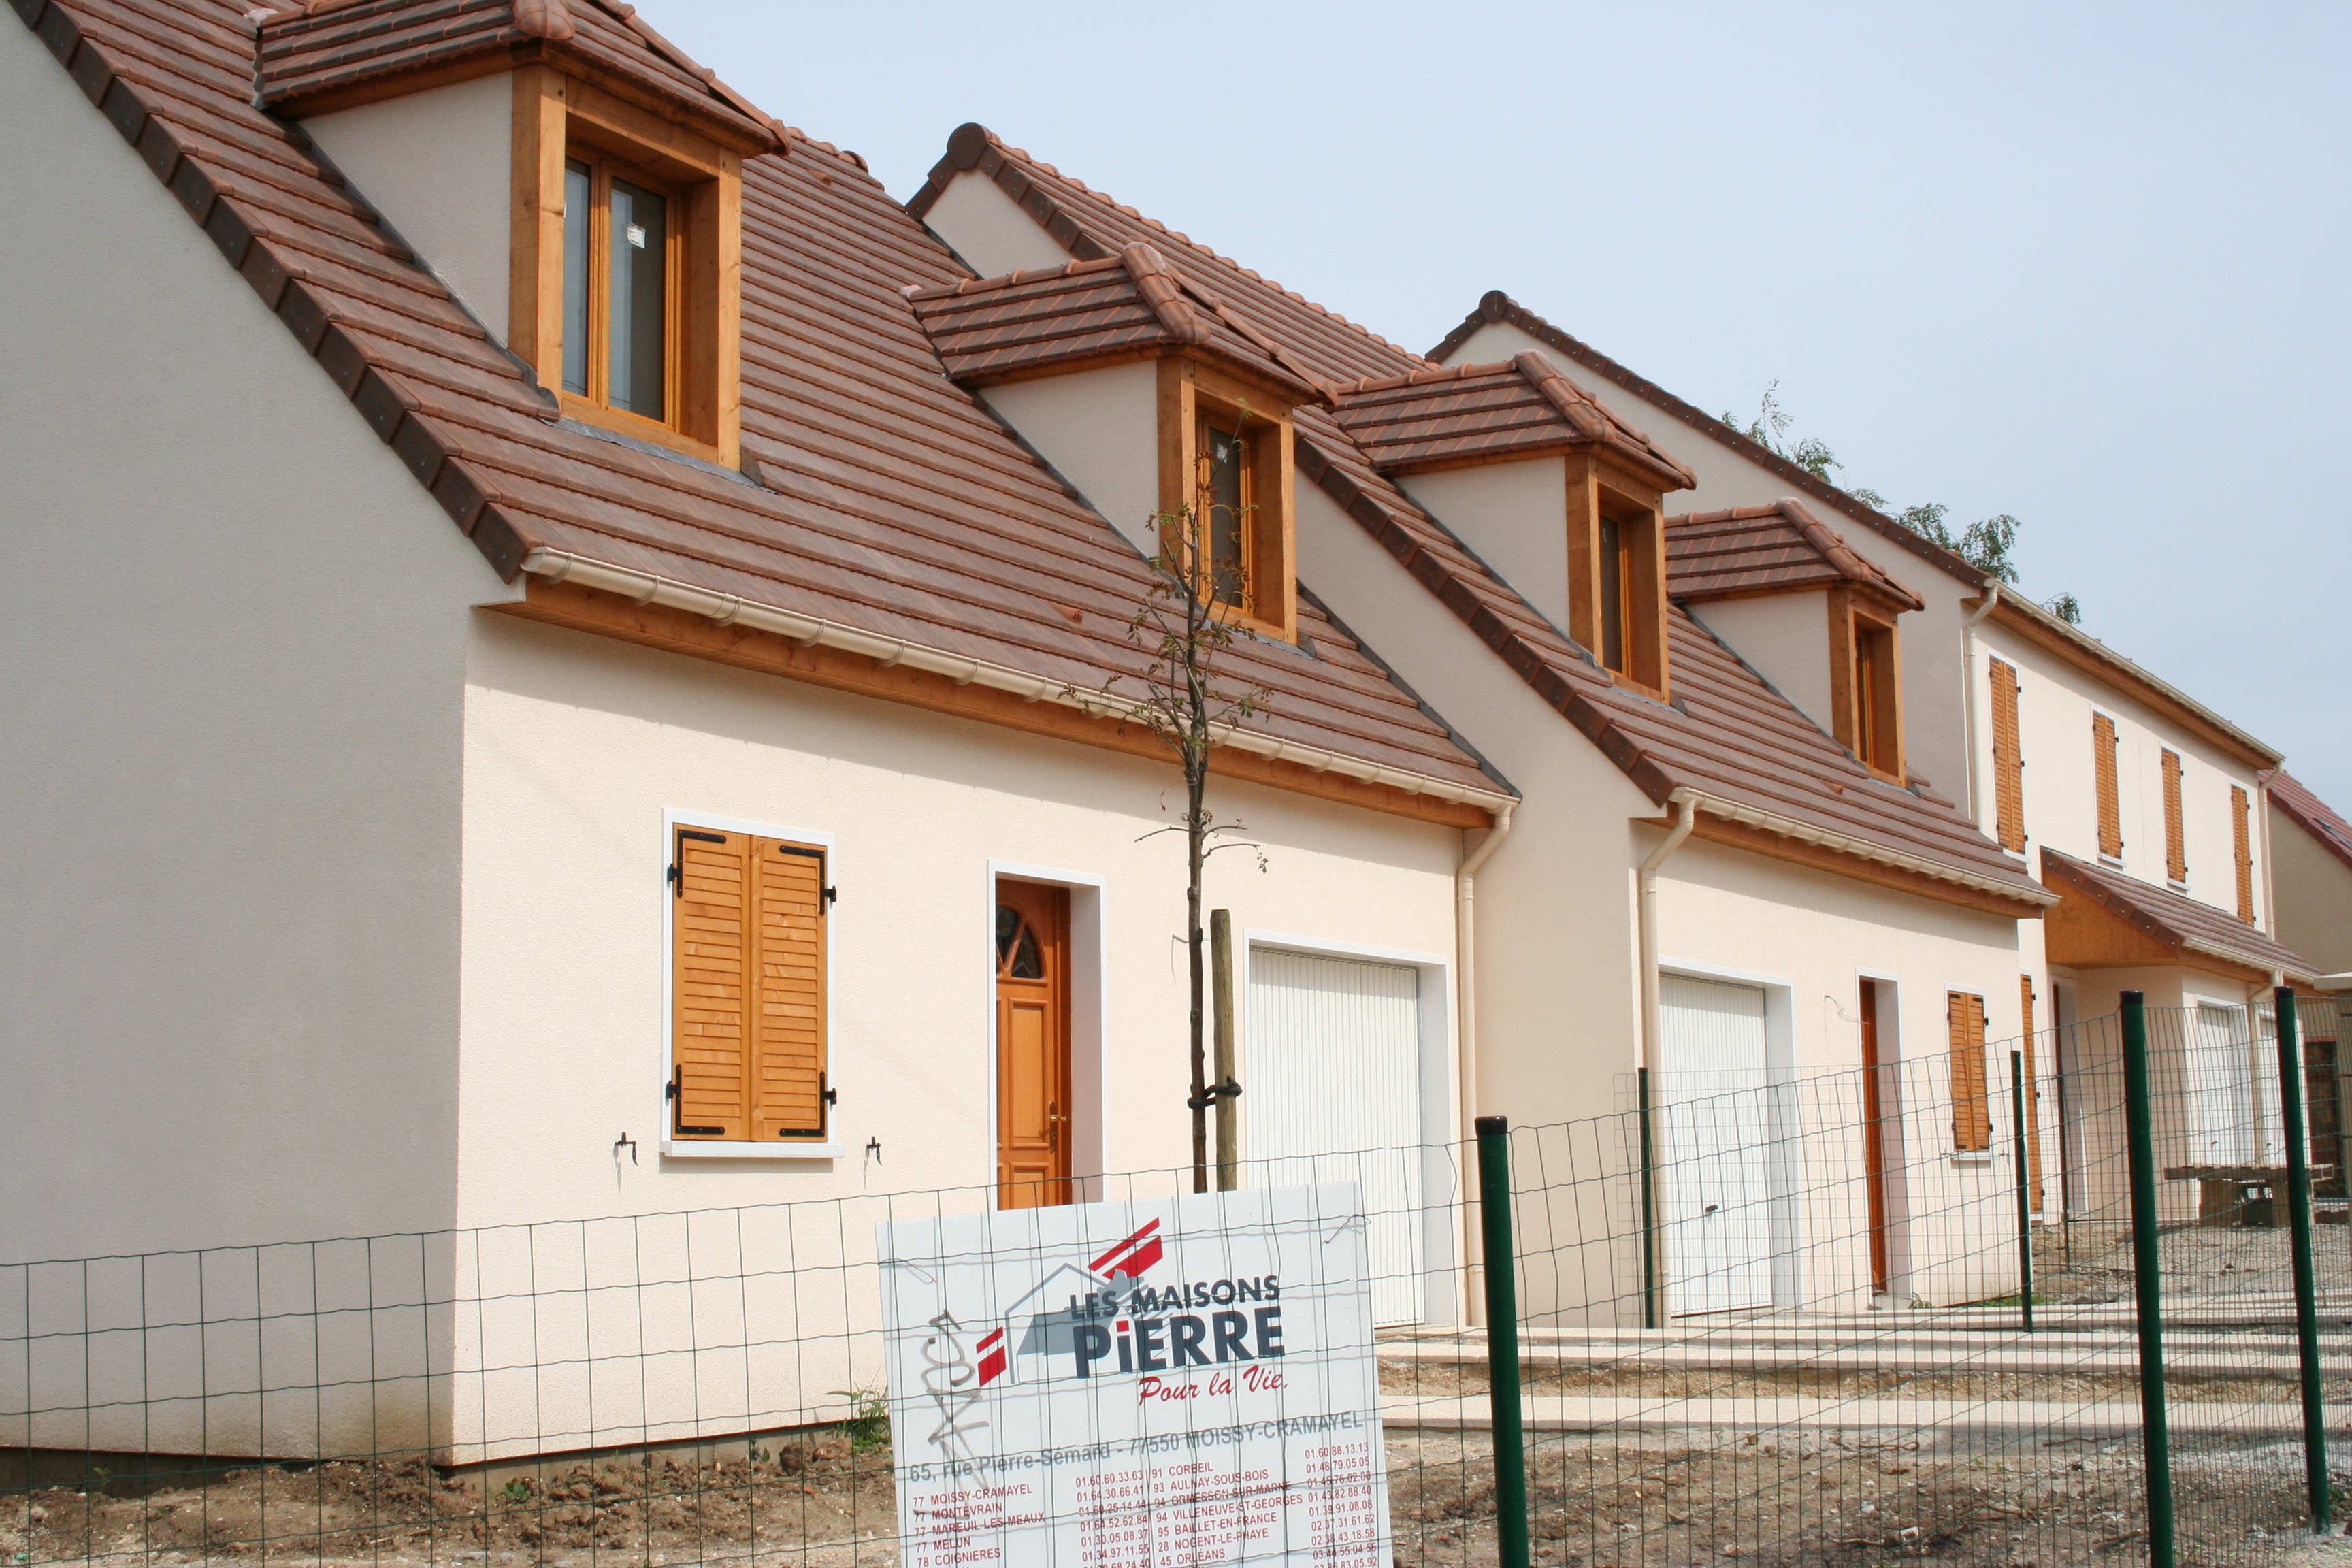 POBI : Maisons Pierre (2005)